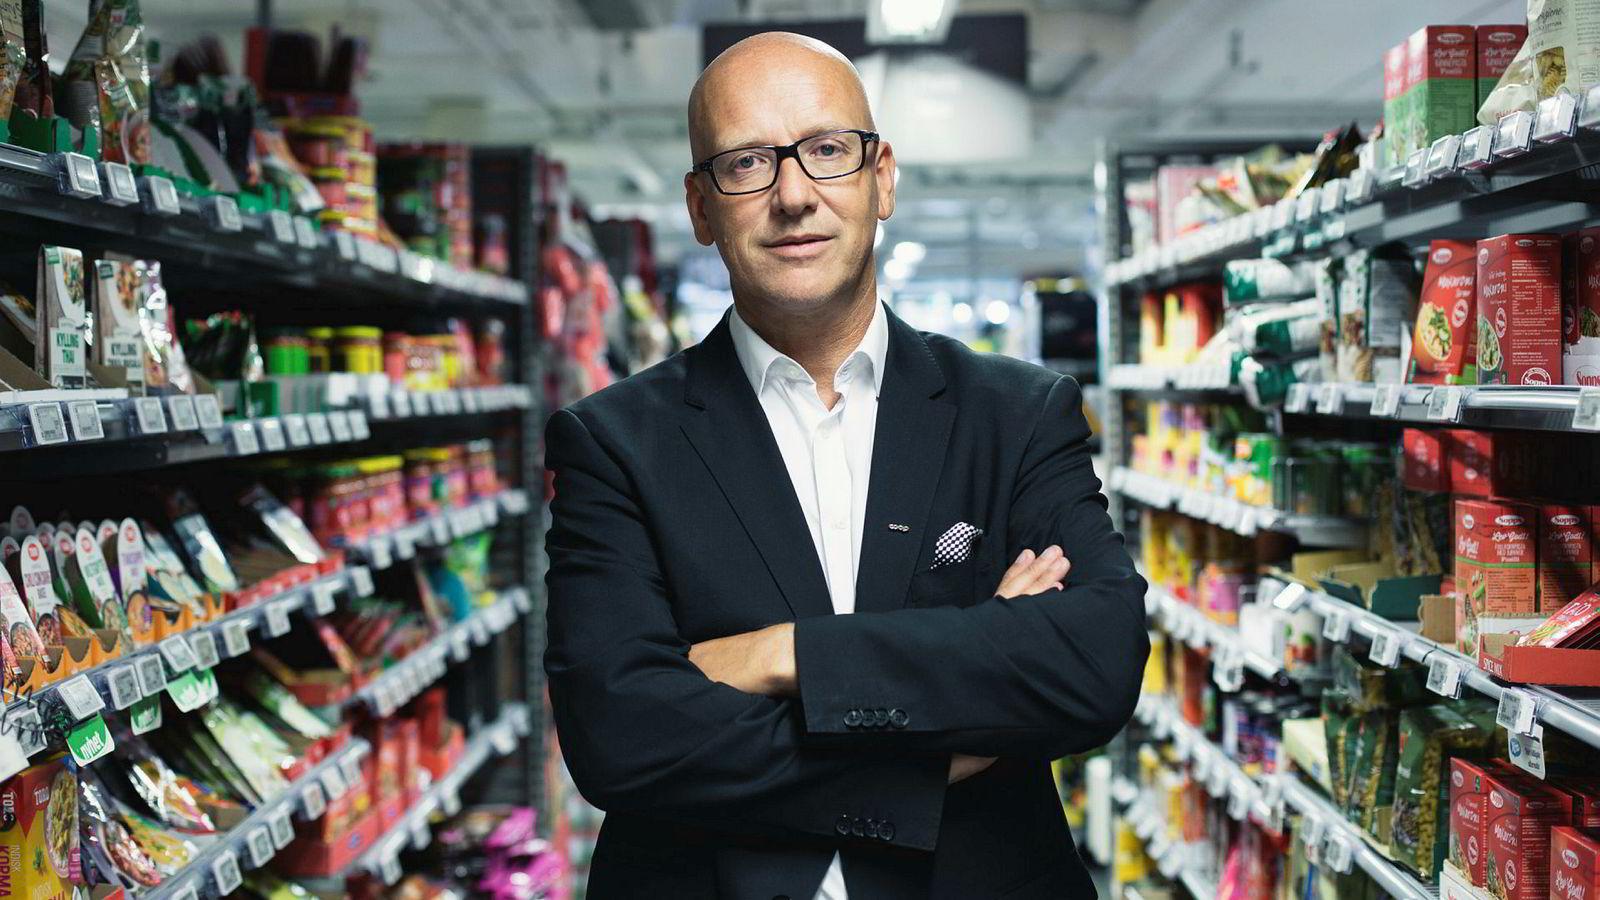 Coop-sjef Geir Inge Stokke mener at dagligvarekjedene har tjent for godt på enkelte hygieneartikler der de nå har fått hardere konkurranse, mens andre varer blir solgt med tap.